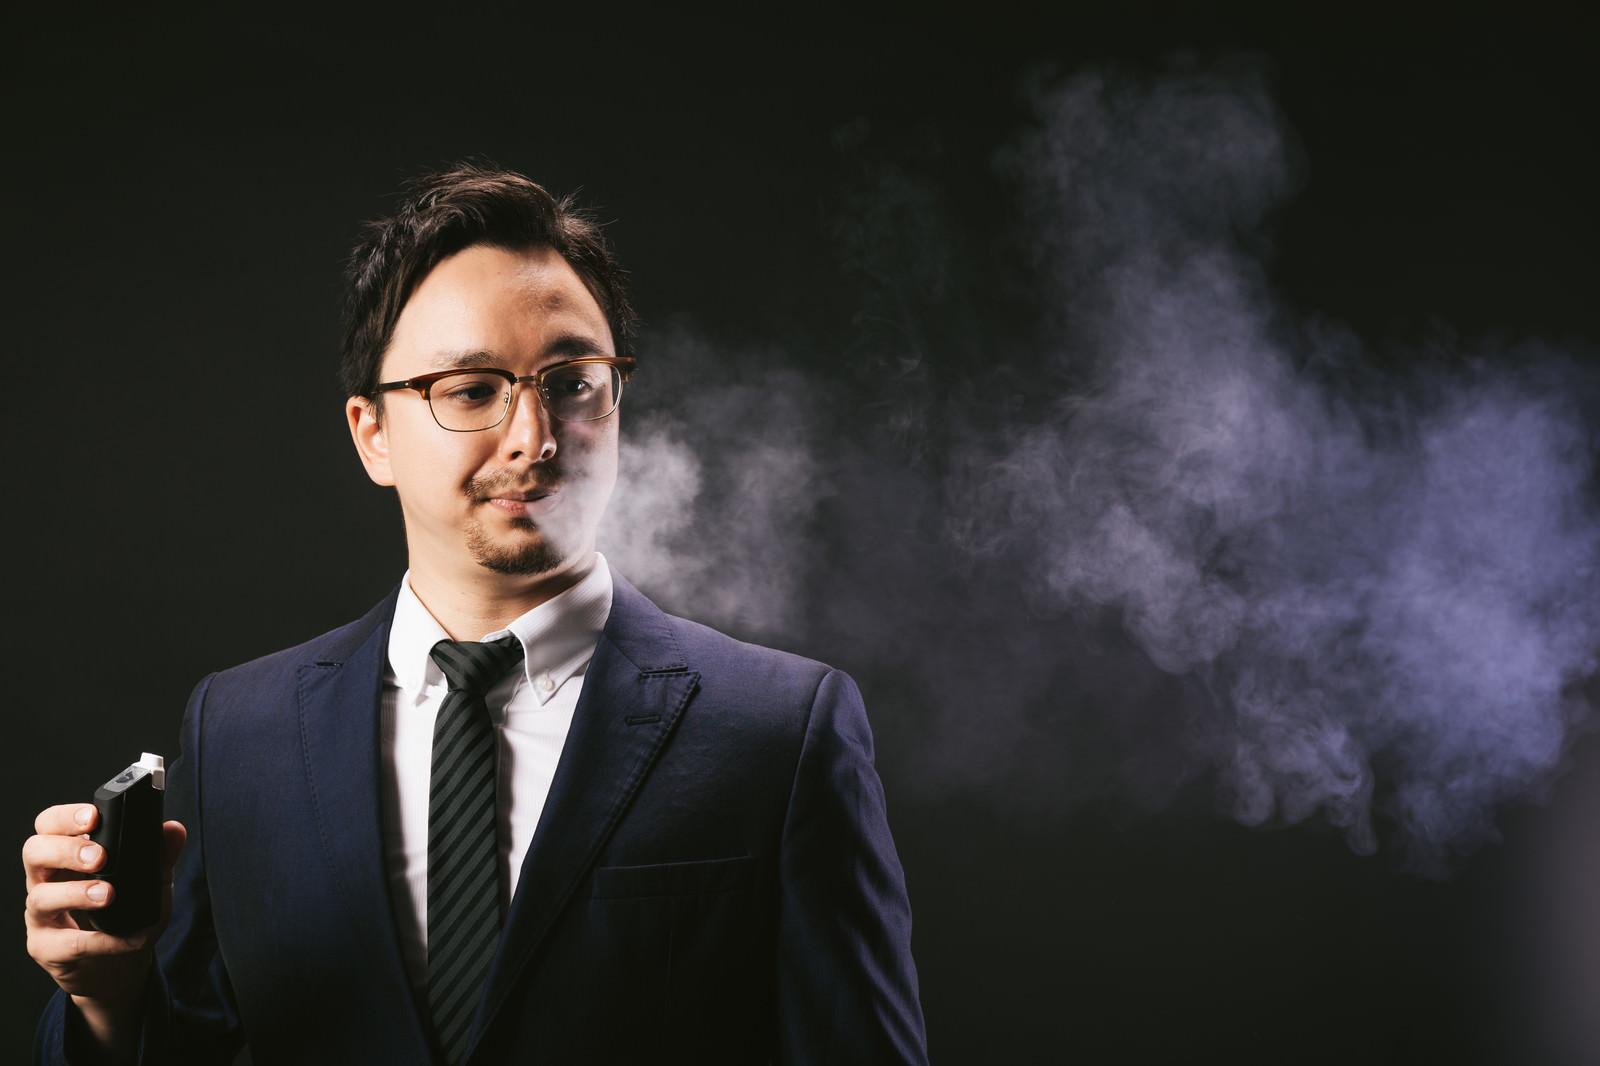 「電子タバコの煙ブファーするドイツ人ハーフ電子タバコの煙ブファーするドイツ人ハーフ」[モデル:Max_Ezaki]のフリー写真素材を拡大